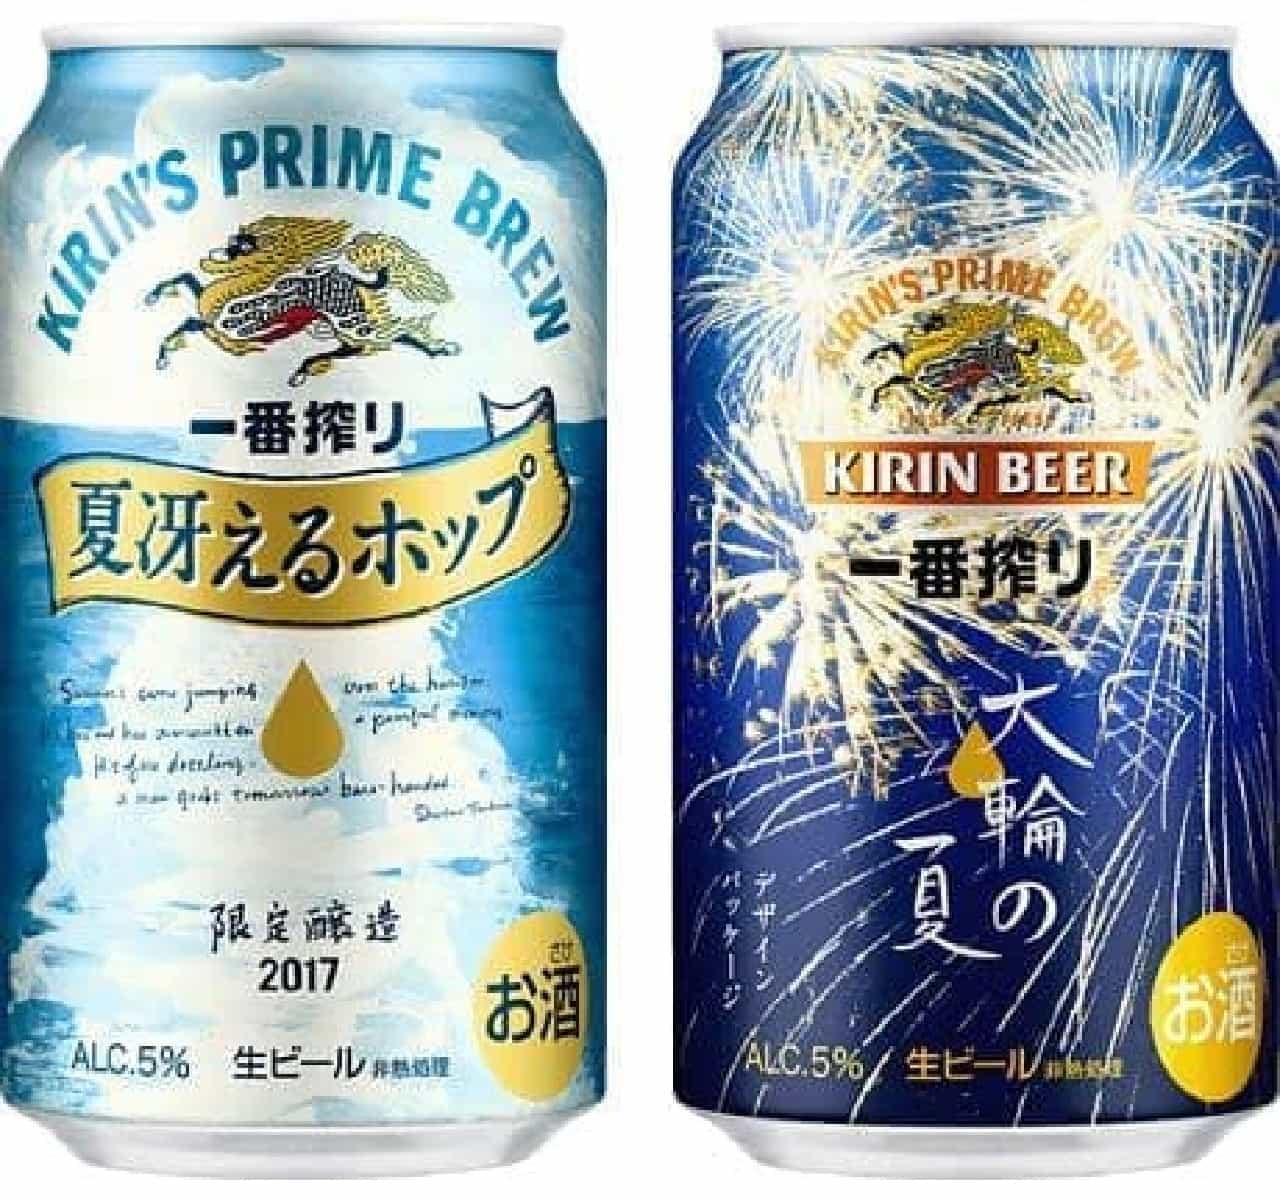 キリンビール「一番搾り 夏冴えるホップ」「一番搾り 大輪の夏デザインパッケージ」